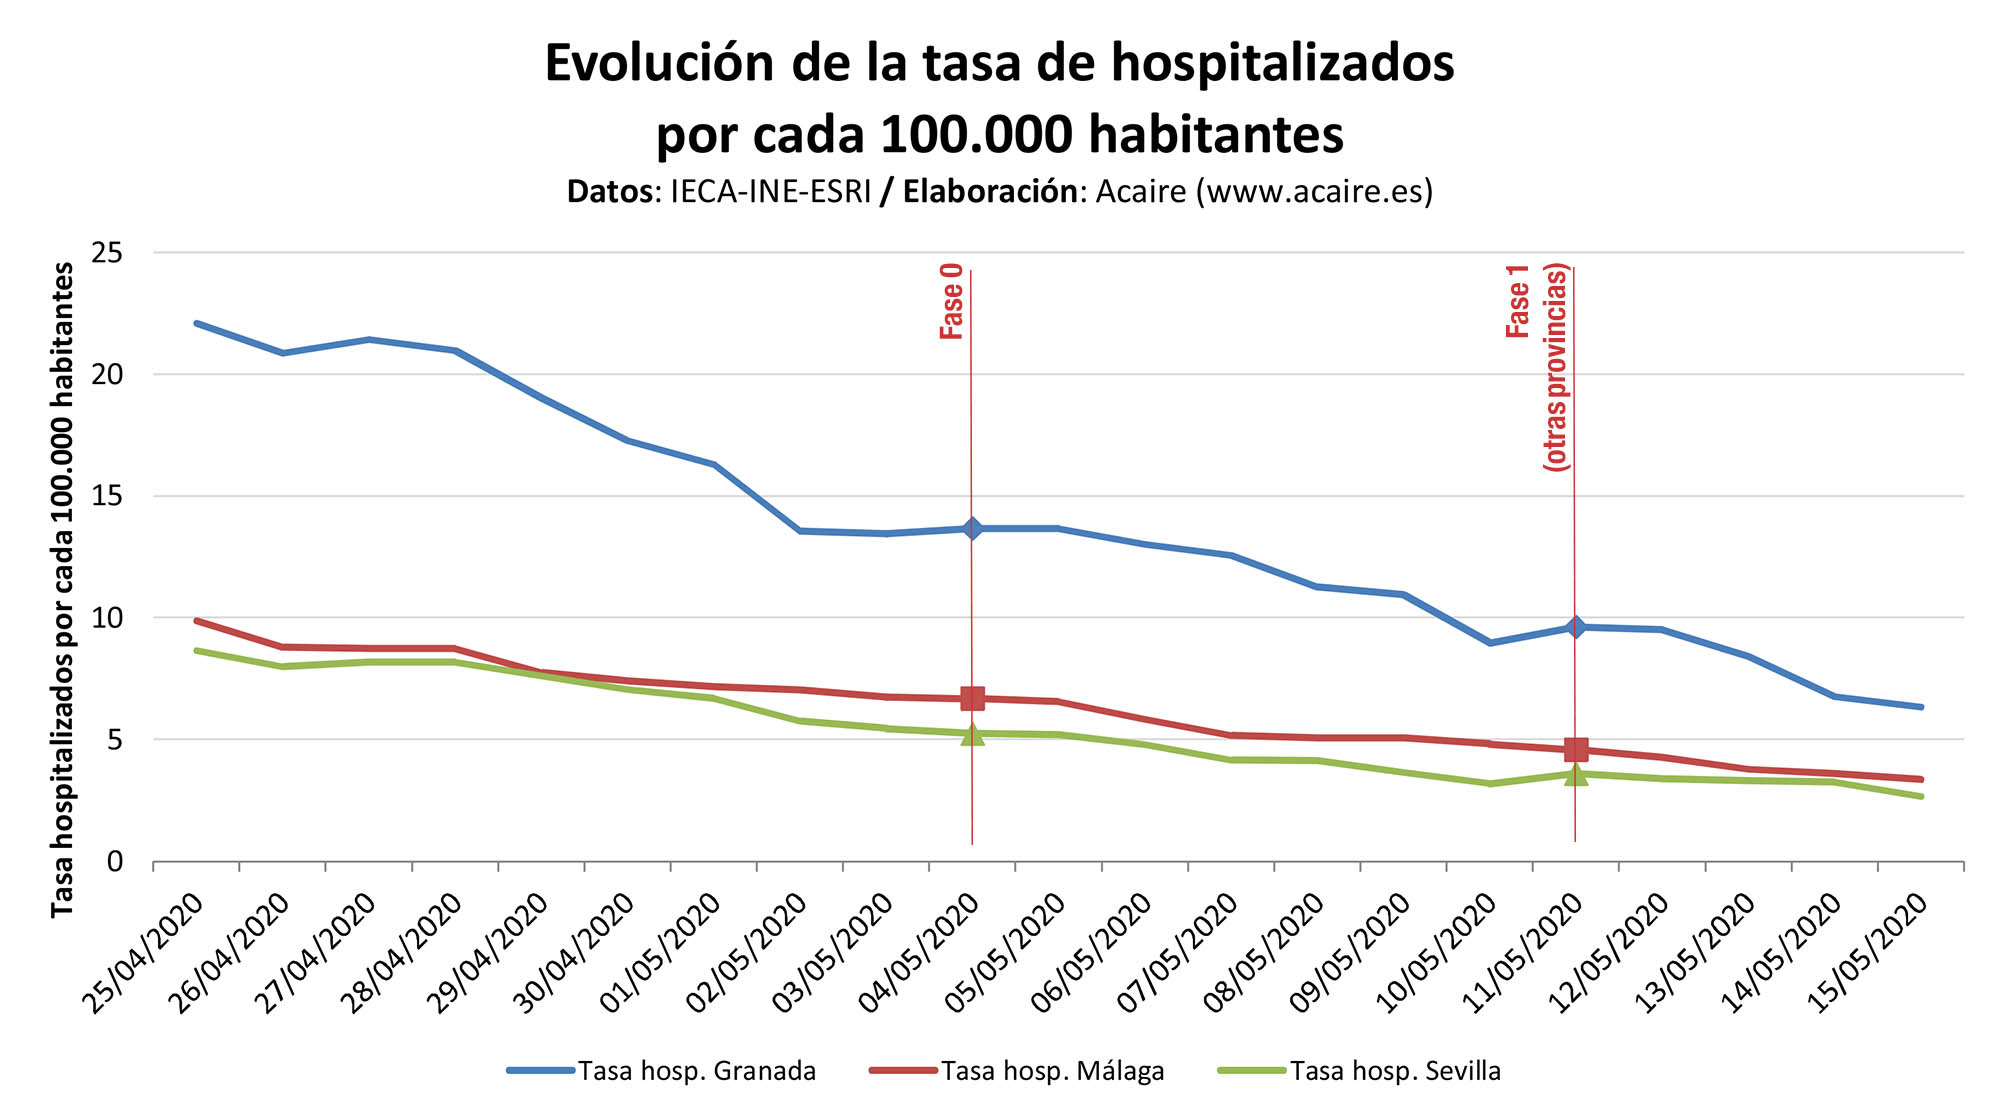 Tasa de hospitalizados y UCI por camas públicas disponibles